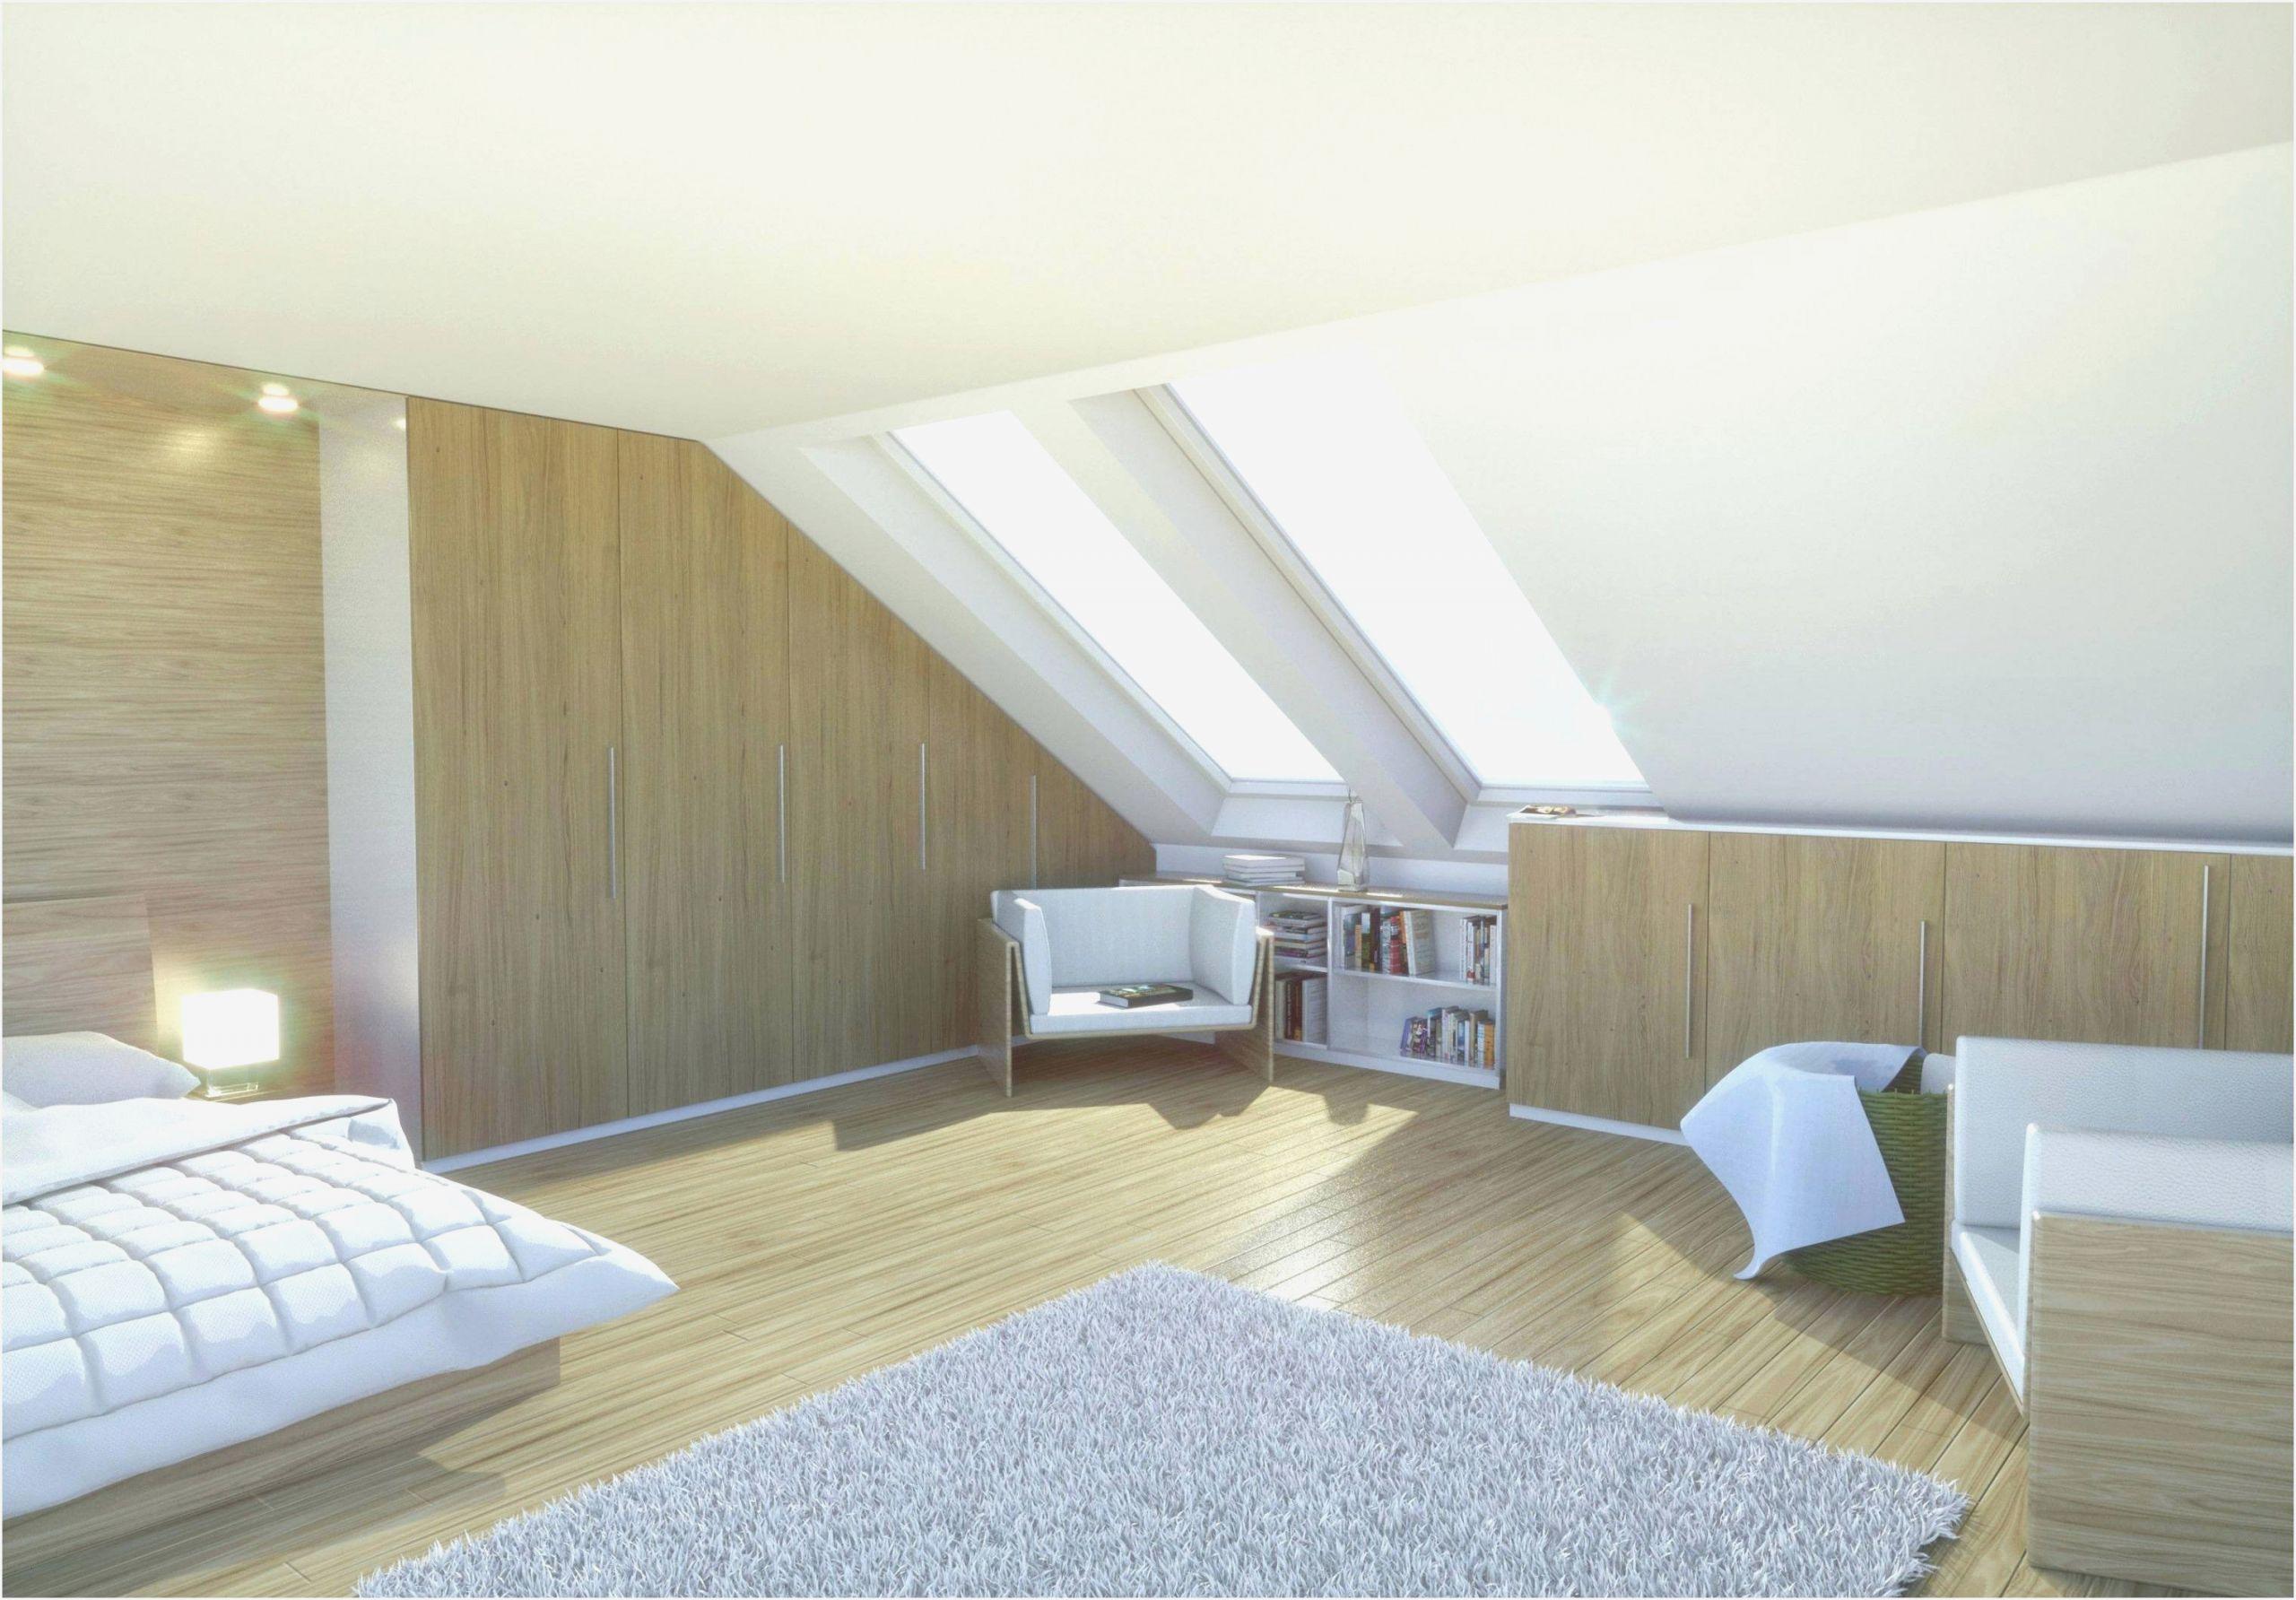 Tolle Deko Ideen Frisch Schlafzimmer Ideen Selber Machen Schlafzimmer Traumhaus